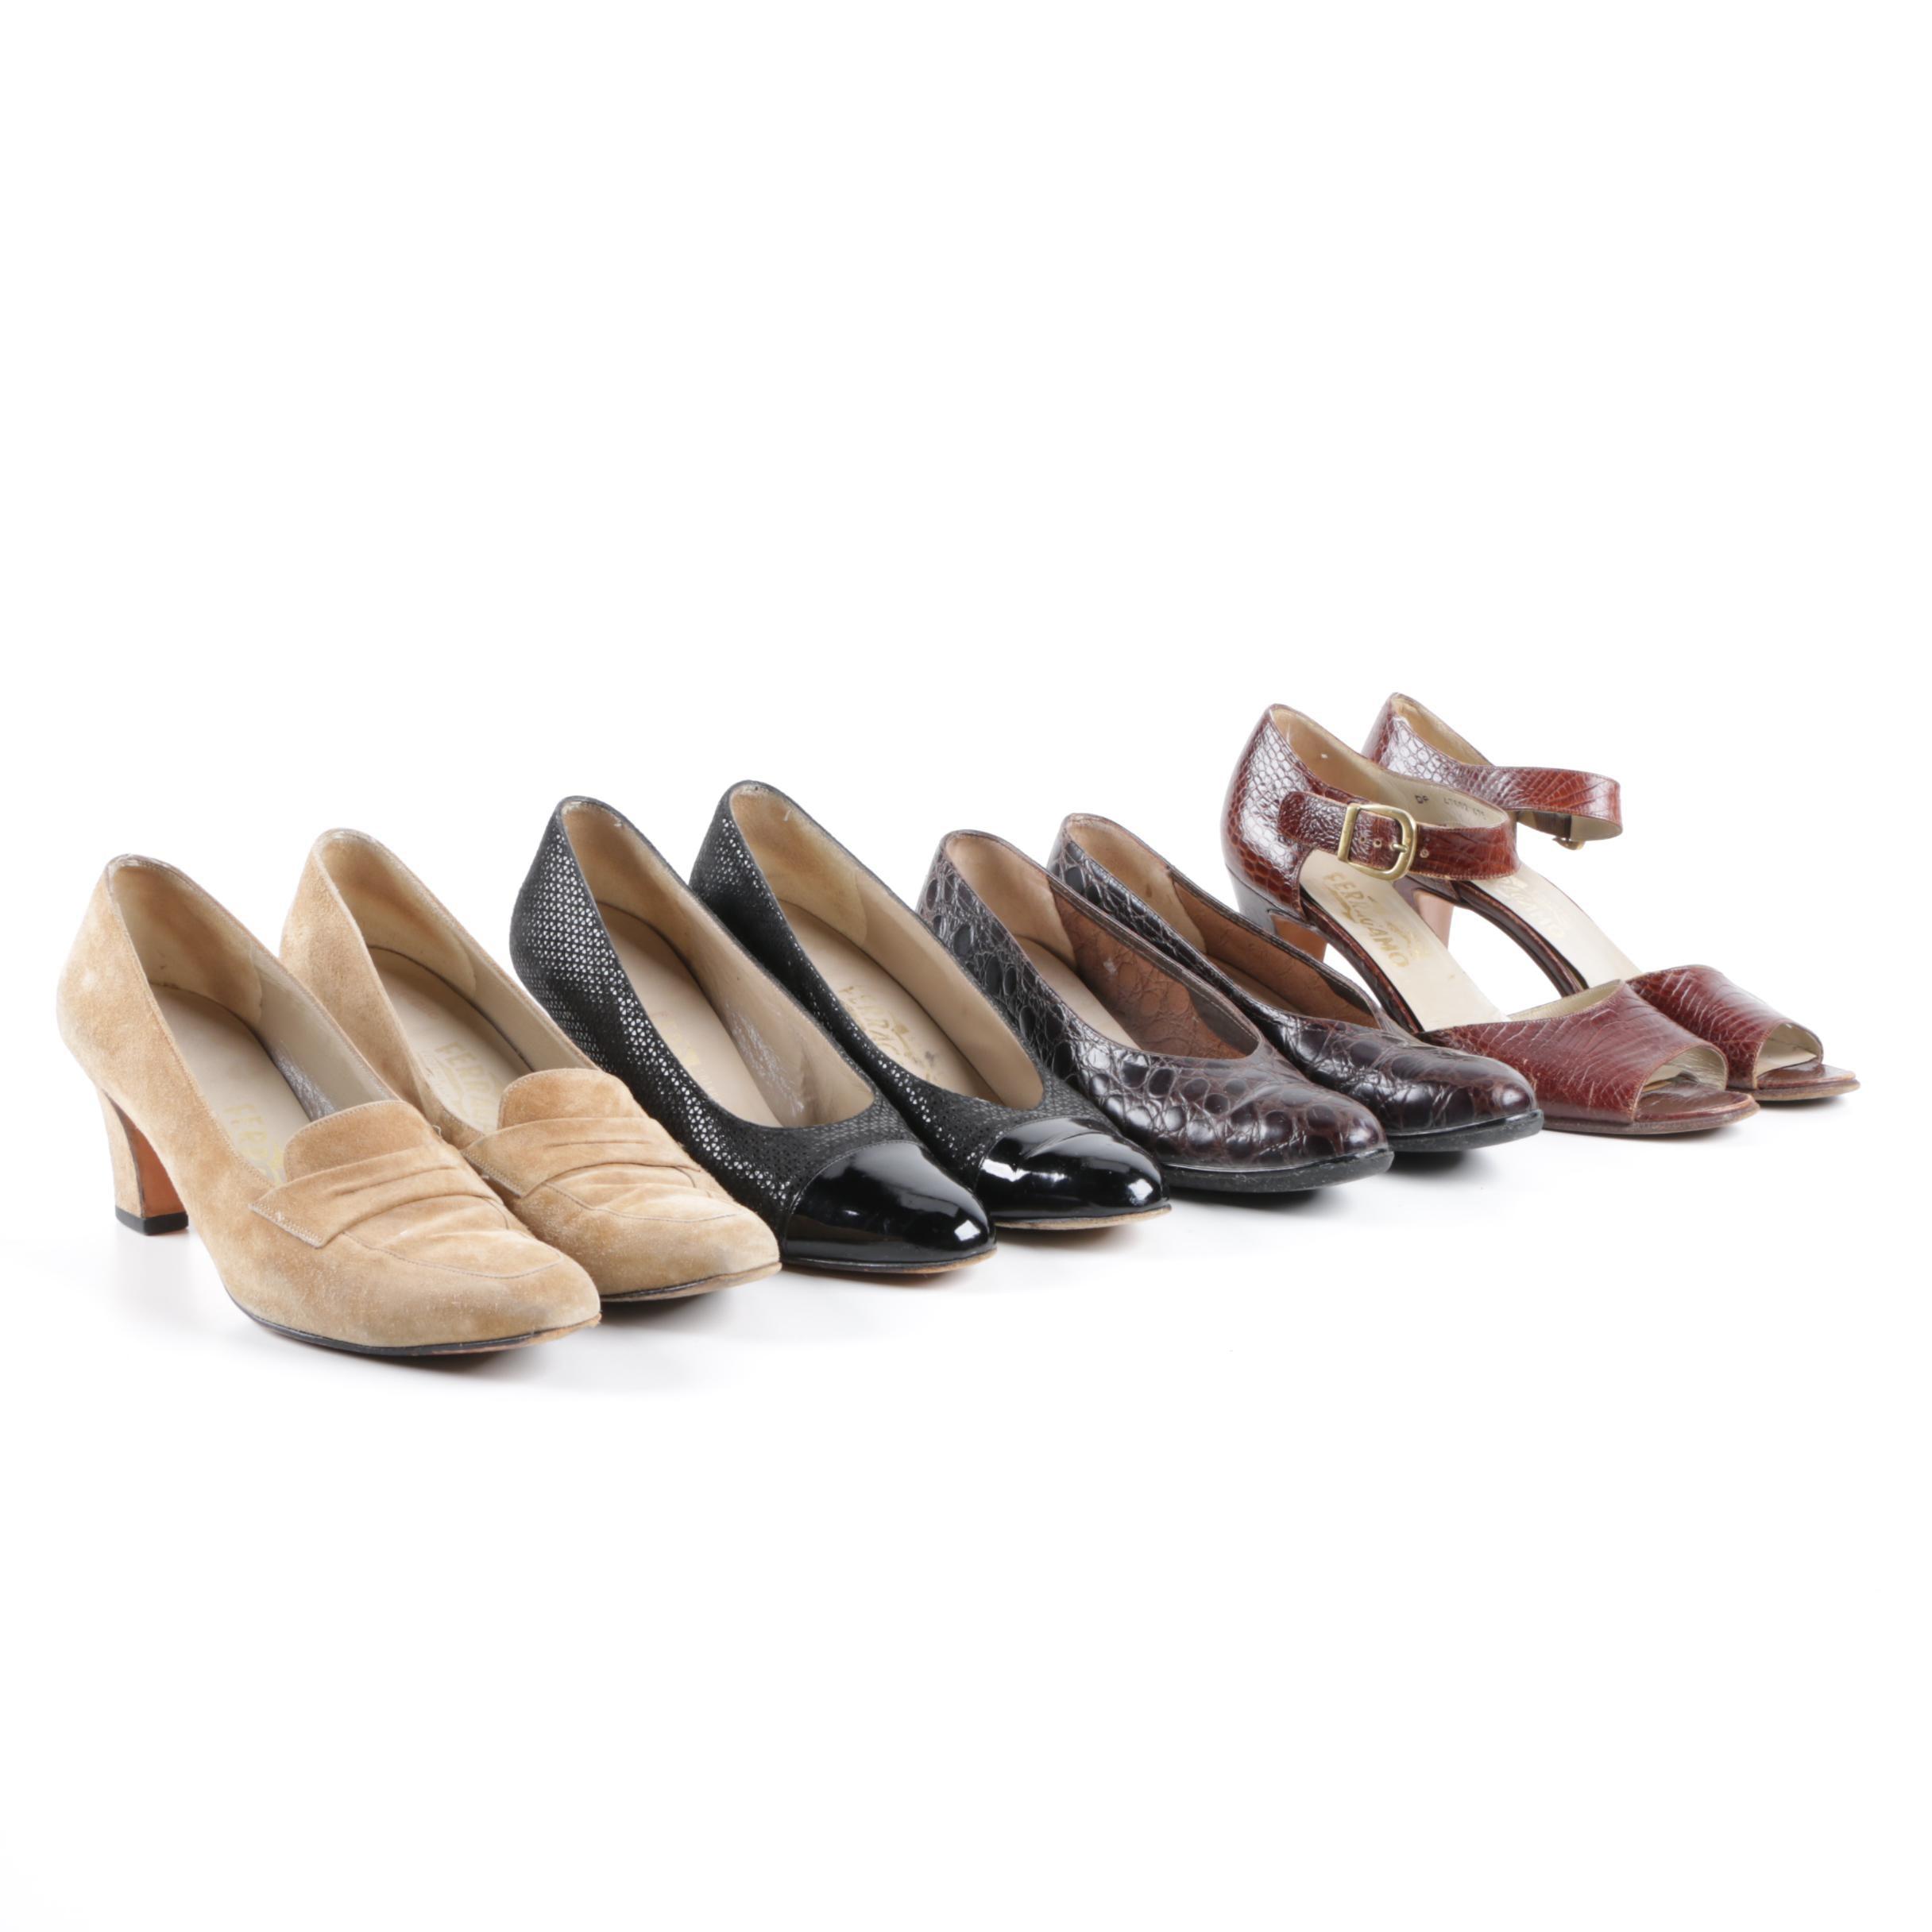 Women's Salvatore Ferragamo Heels Including Embossed Leather